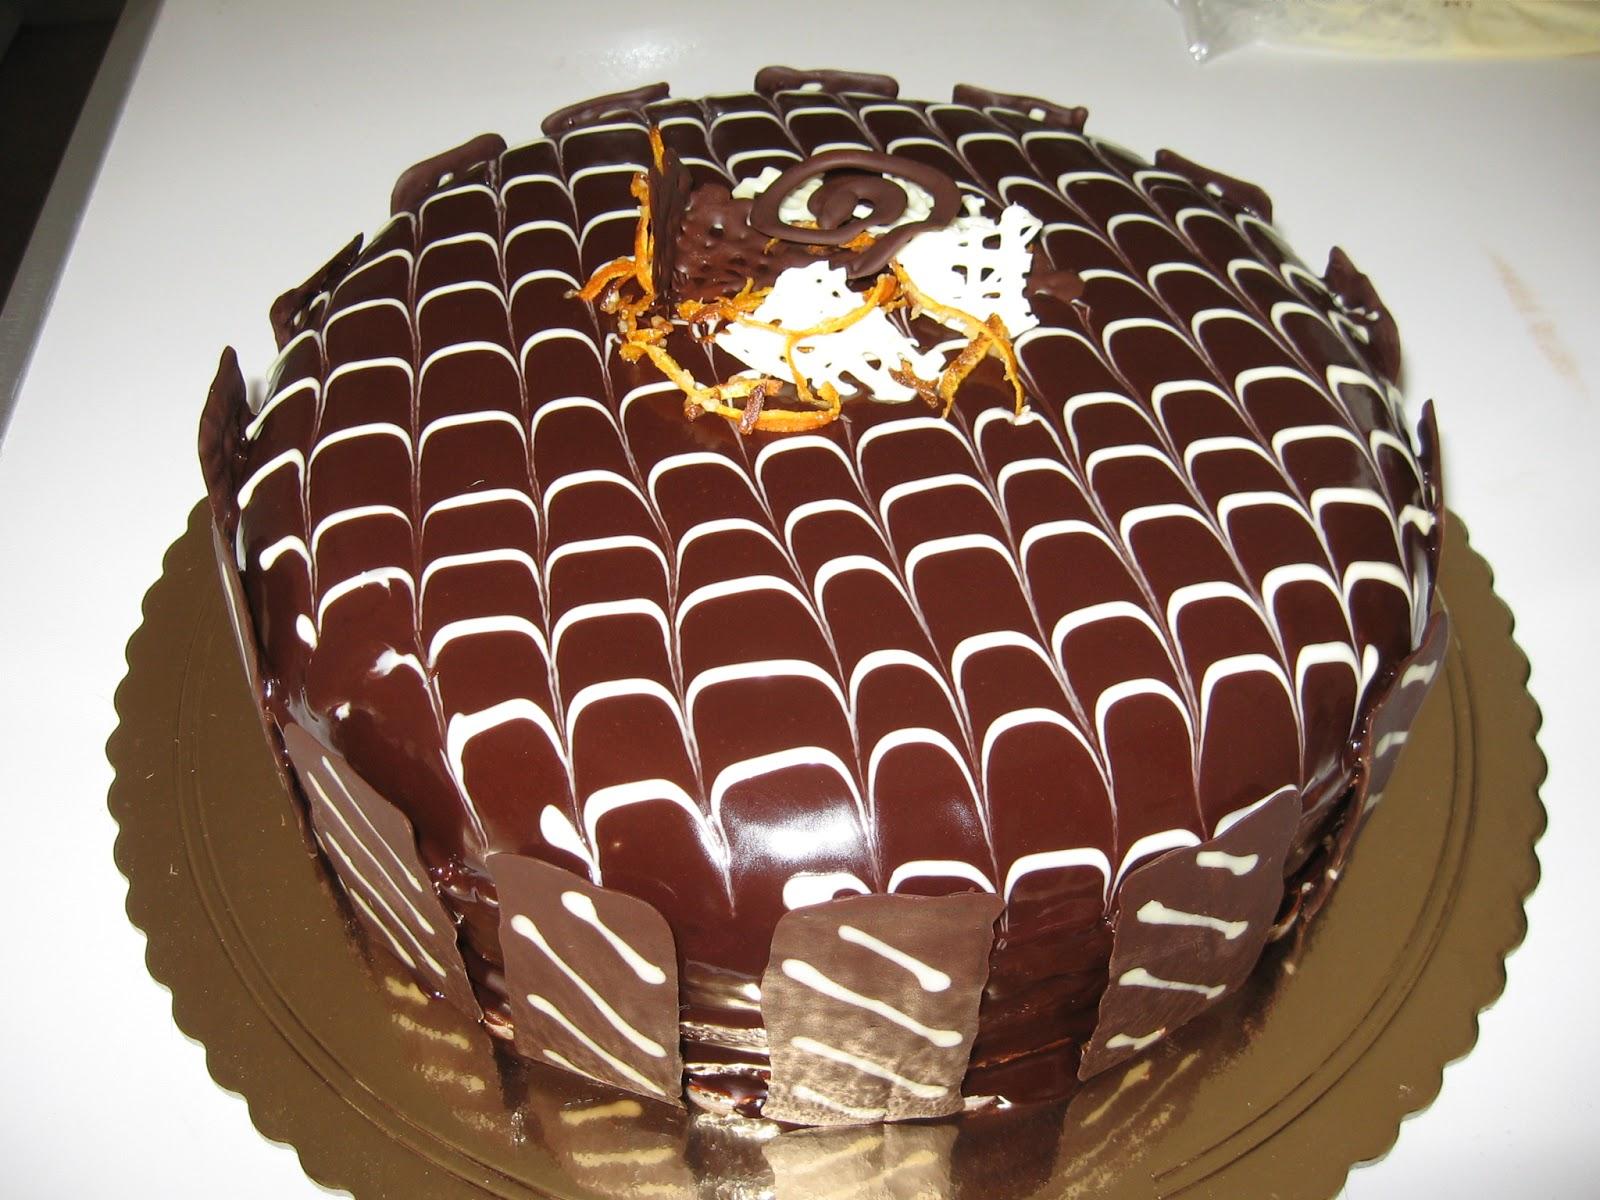 Che ne dici dolcetto torte con glassa al cioccolato - Decorazioni torte con glassa ...